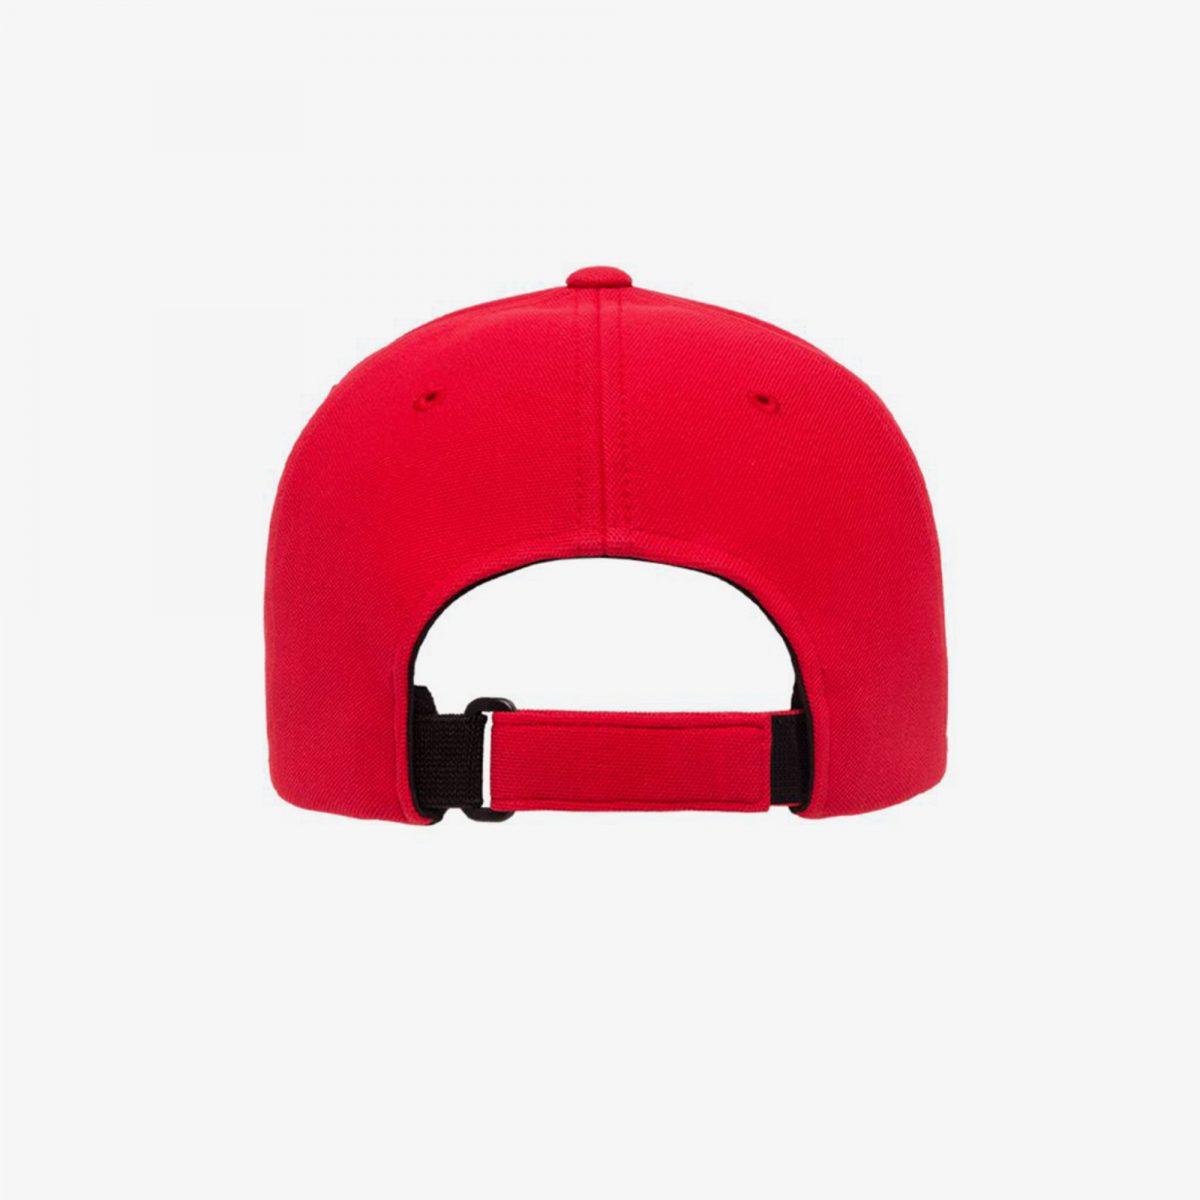 AFCA-Red-Limited-Flexfit-Back-Grey-Background